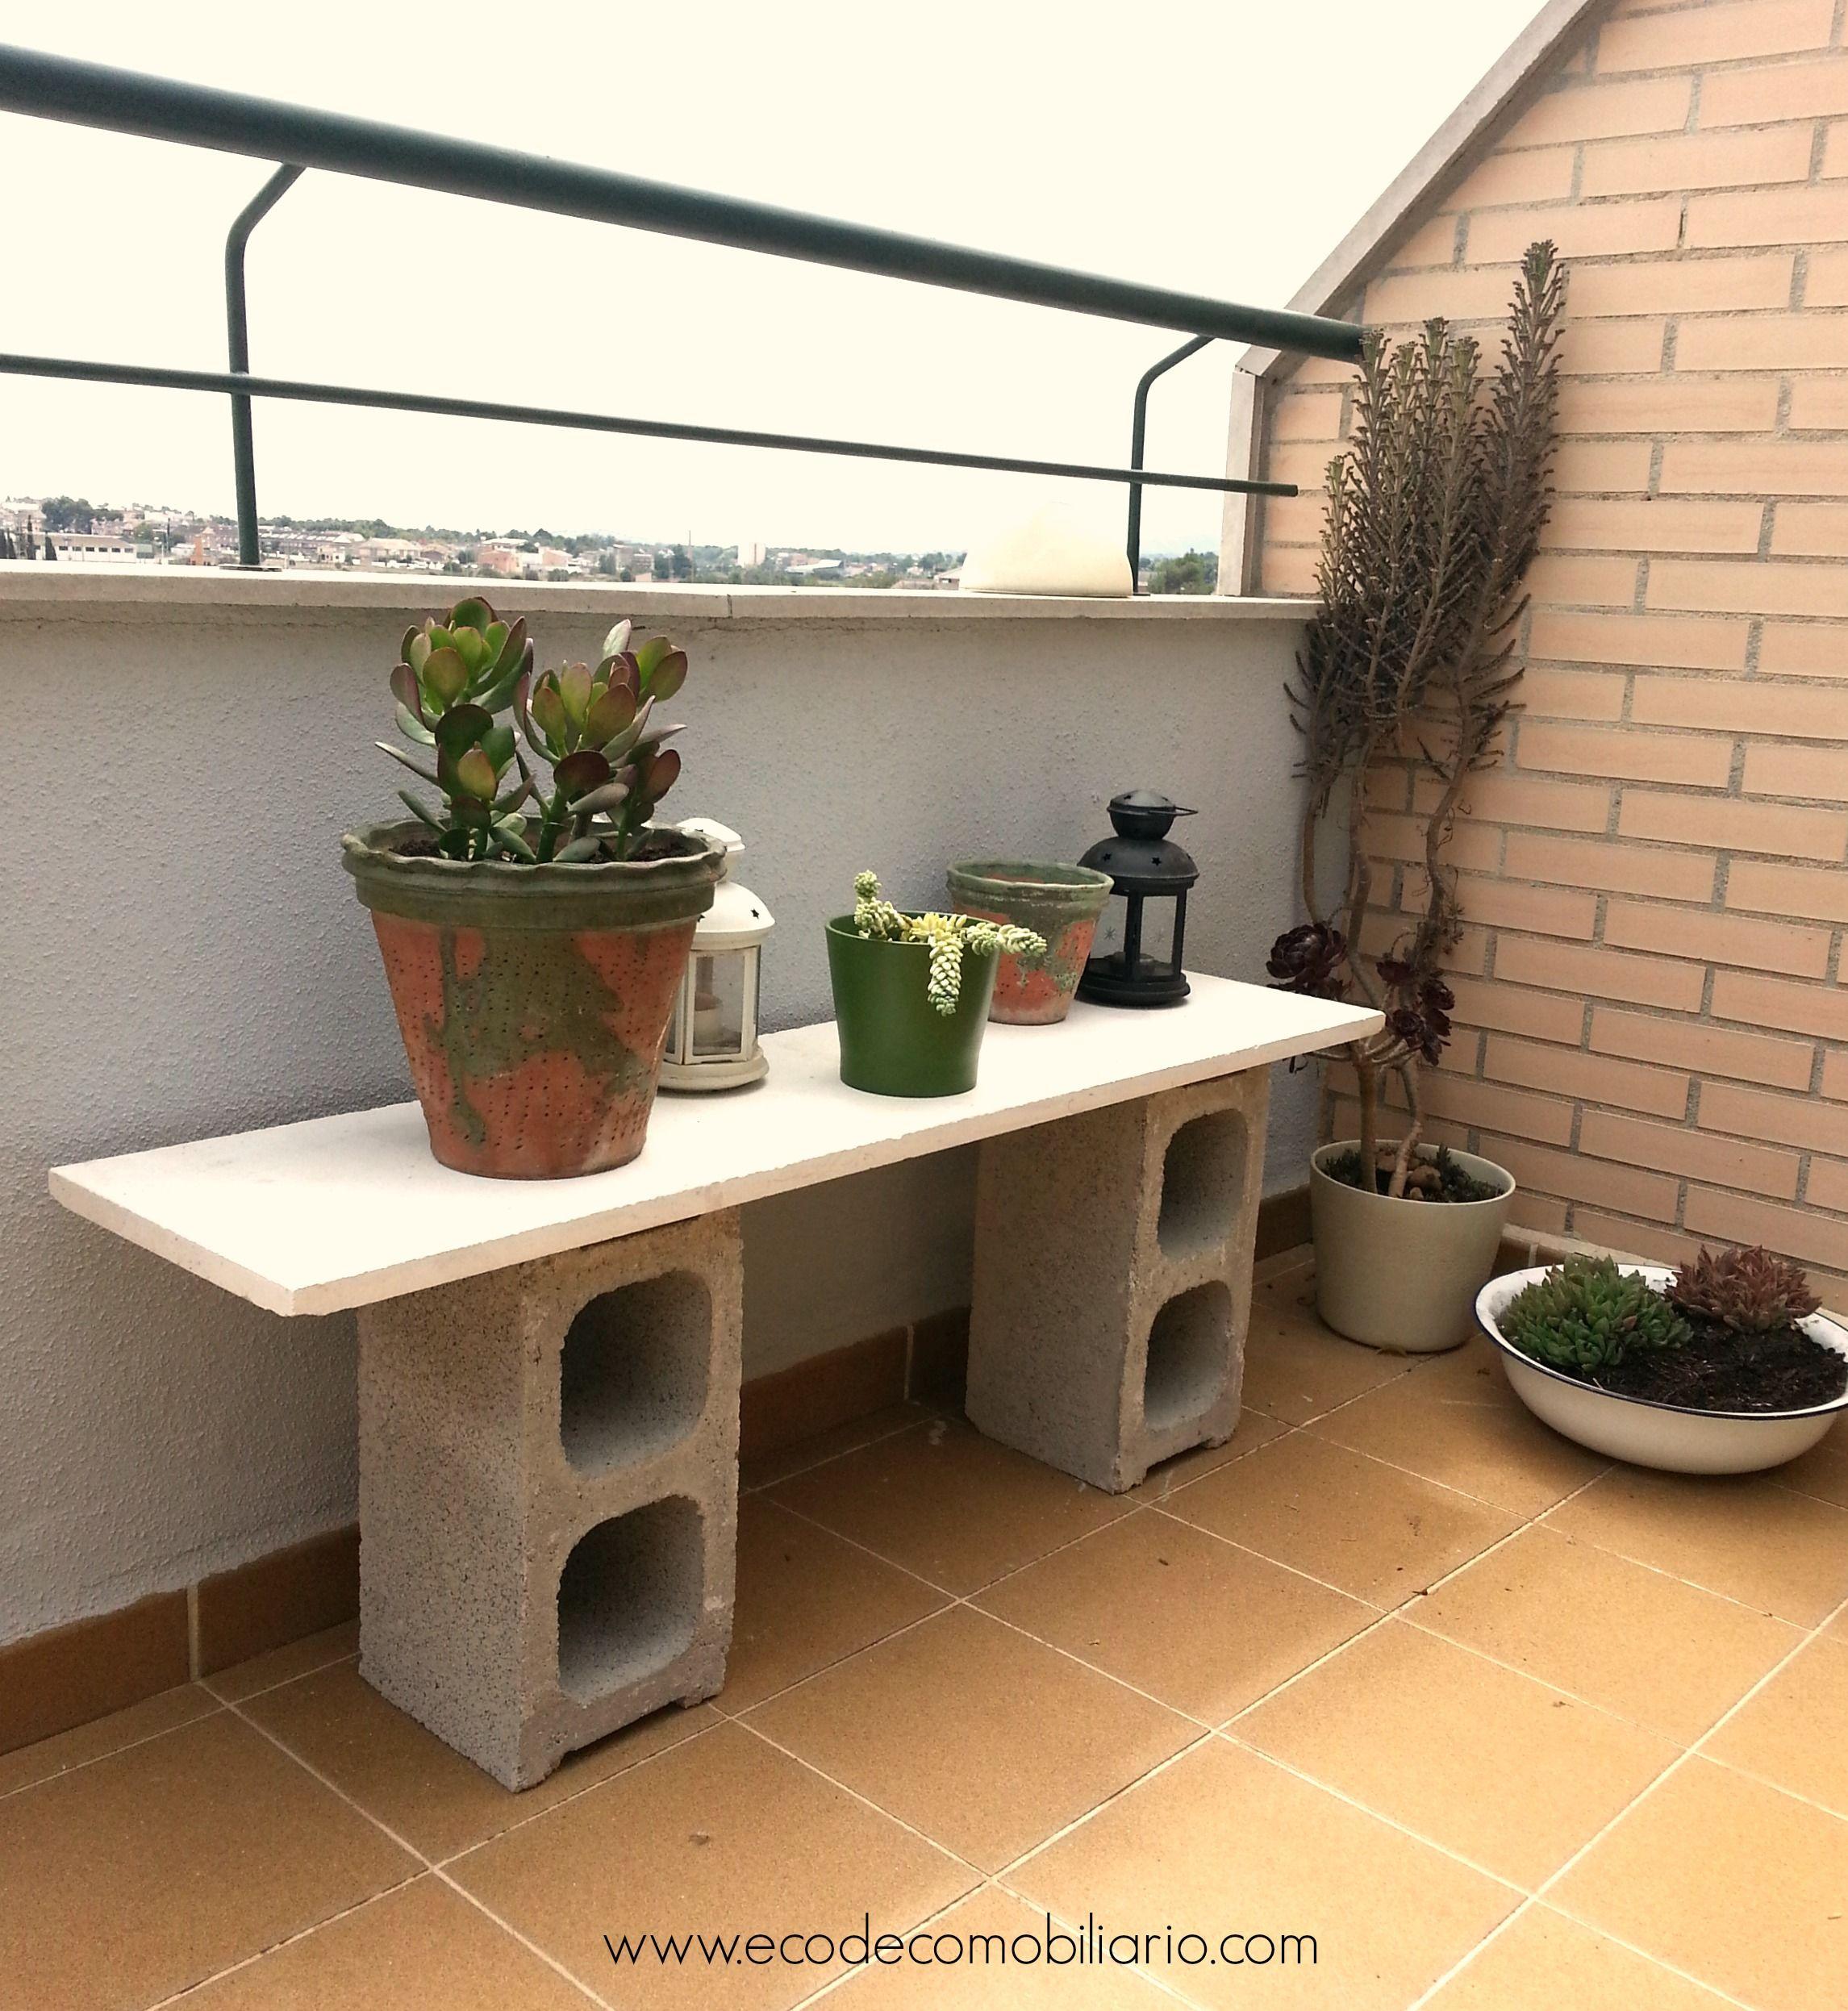 Diy Jardinera Con Bloques De Hormig N Muebles Reciclados  # Muebles Cuanta Razon